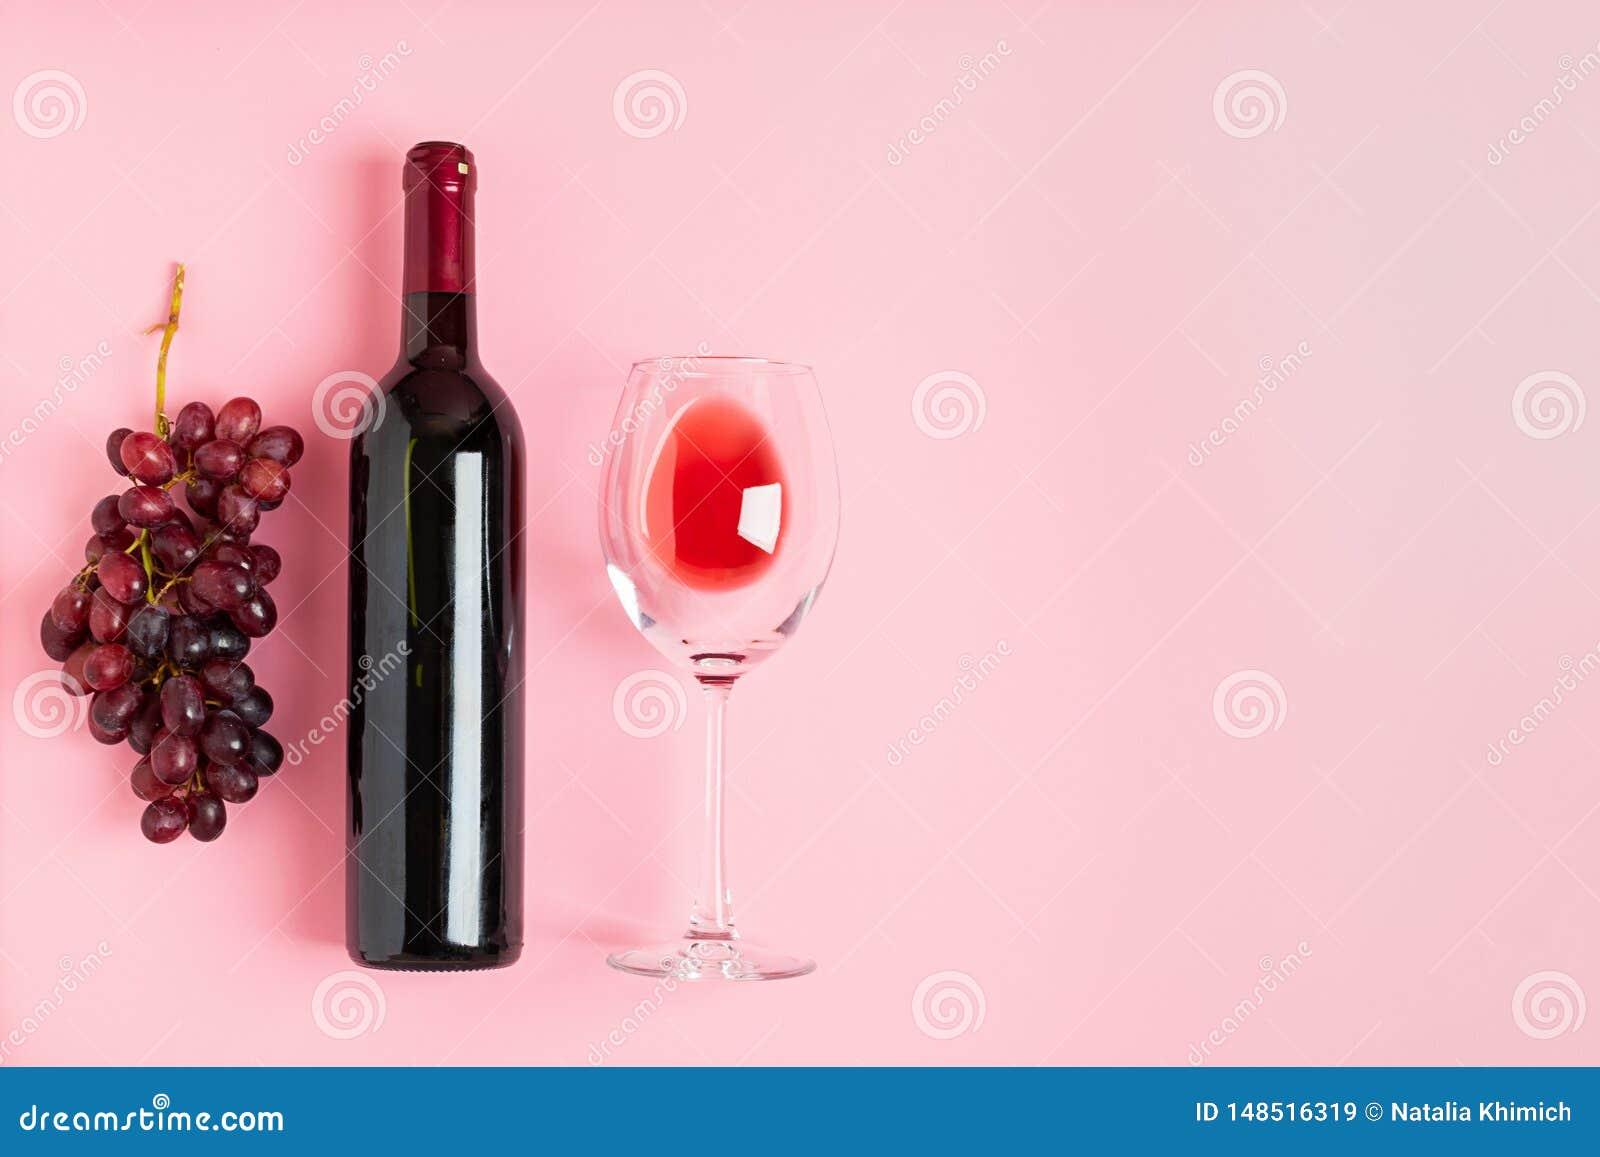 Butelka wino pusty szkło wiązka winogrona na delikatnym różowym tle minimalista Odg?rnego widoku mieszkania uk?ad